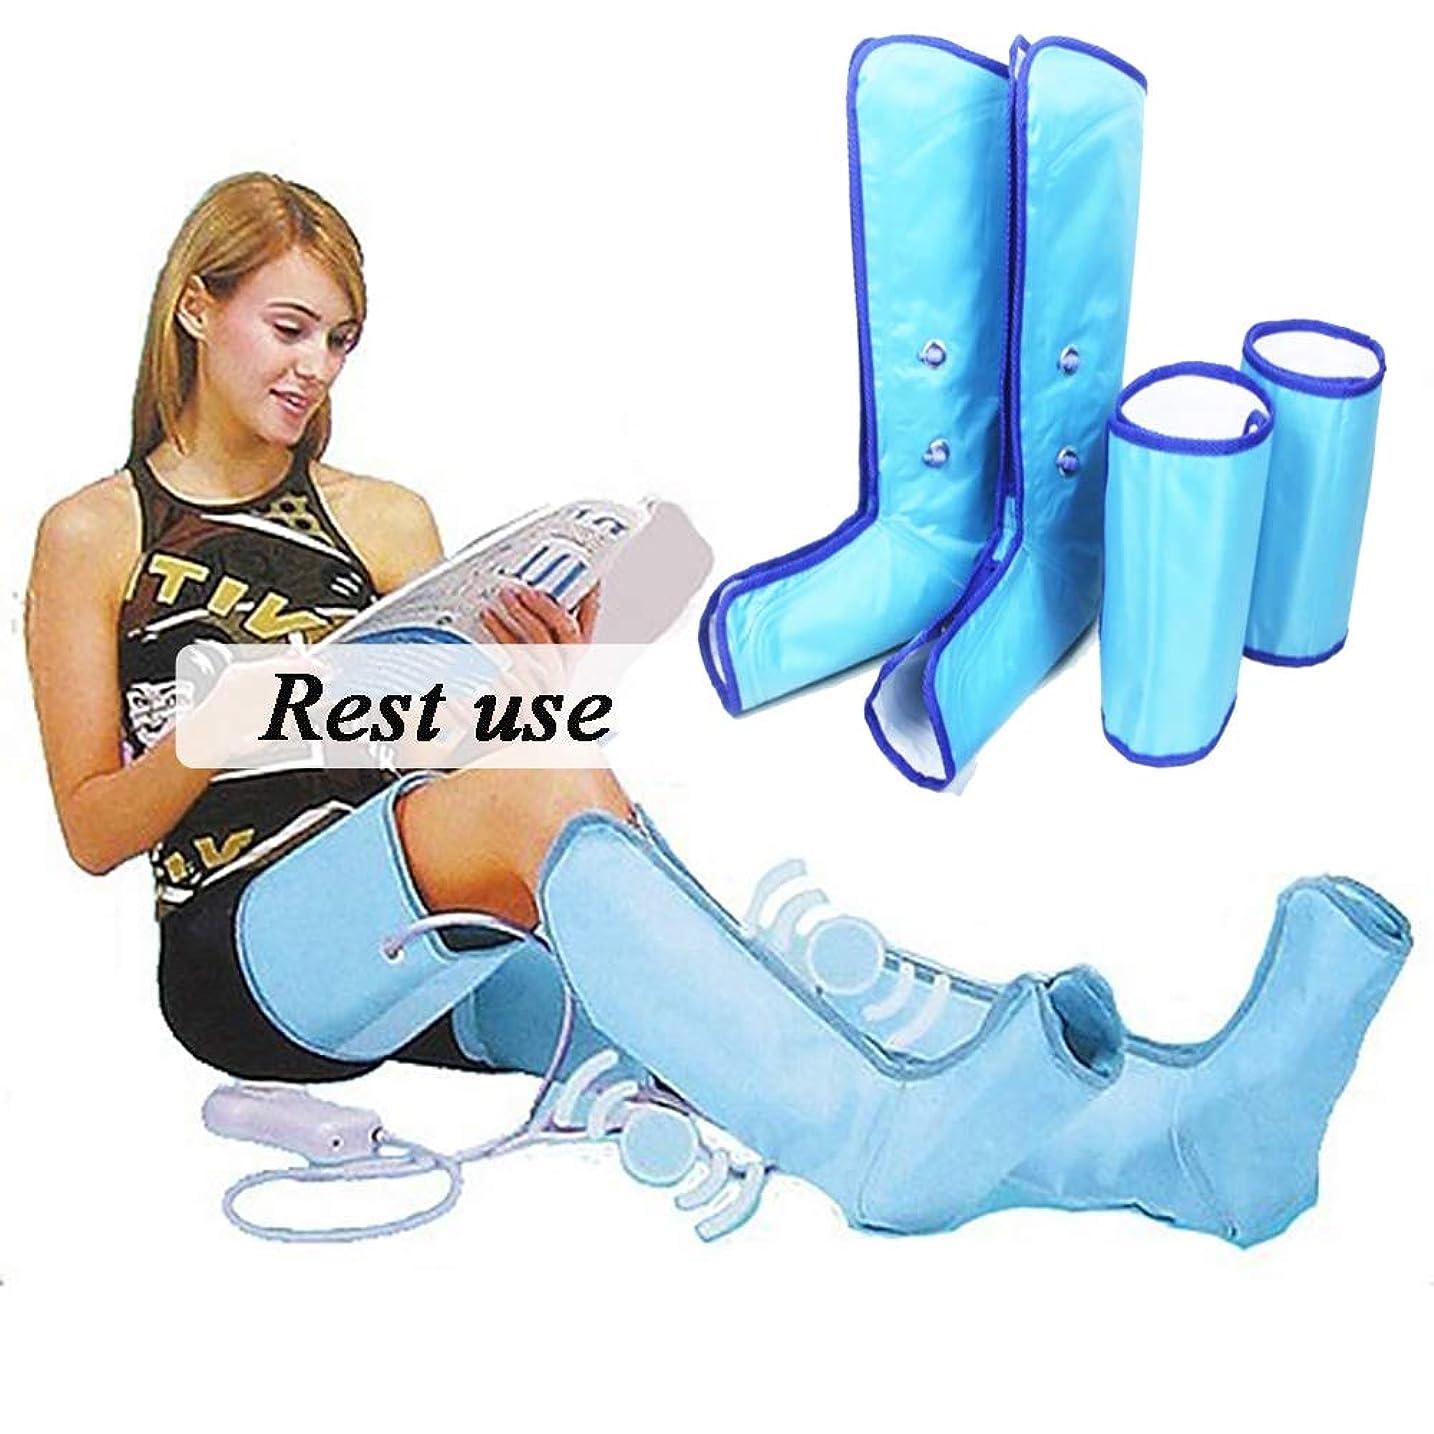 立ち寄る揃える癒す足のマッサージトマッサージャー循環と筋肉のリラクゼーションに役立つ足とふくらはぎの空気圧縮マッサージを備えたレッグマッサージャー